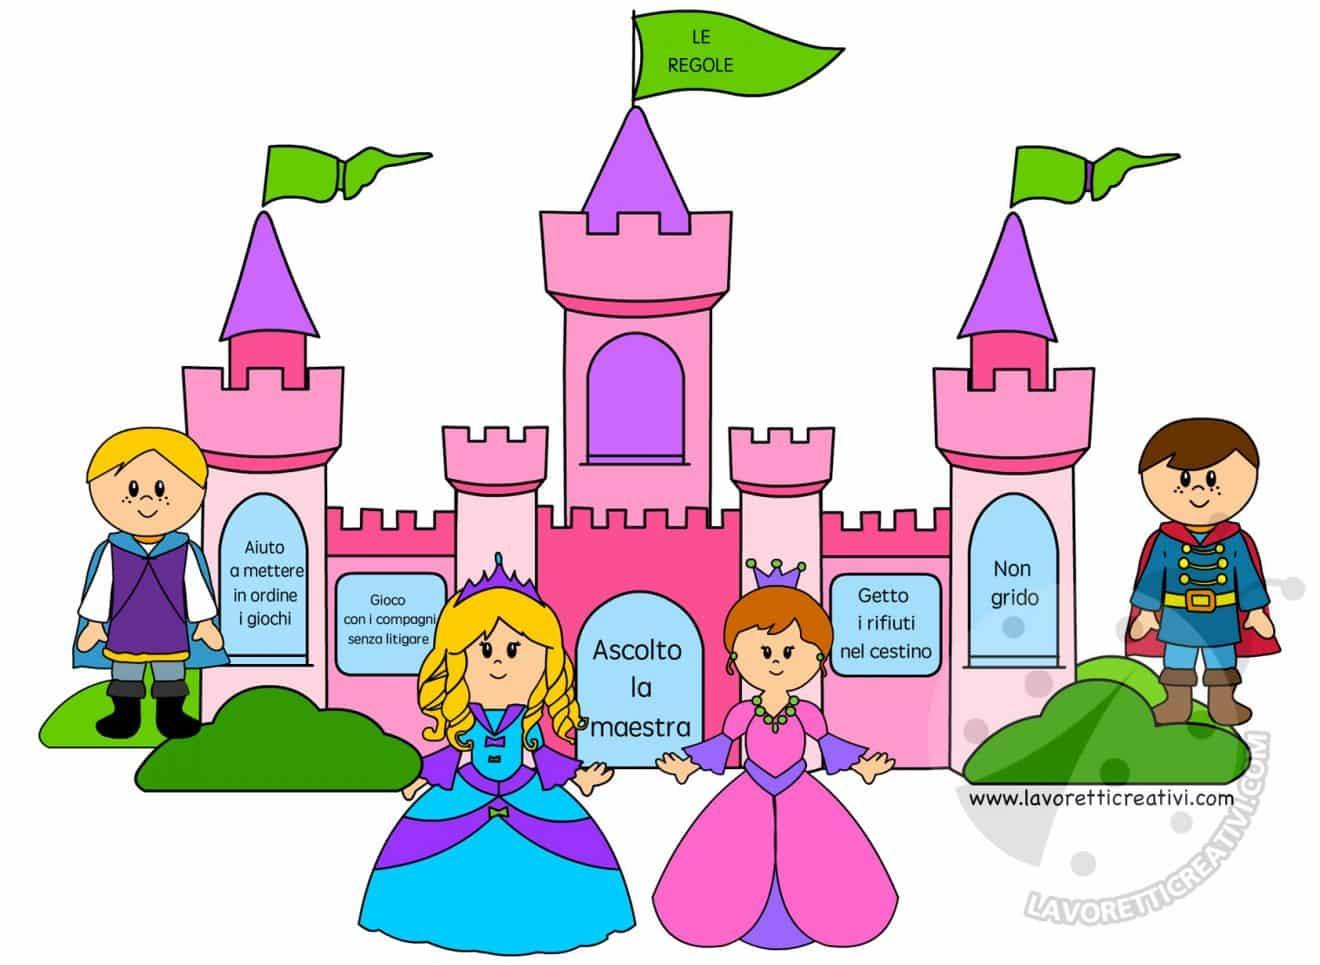 Idee cartellone regole classe castello lavoretti creativi for Cartelloni scuola infanzia